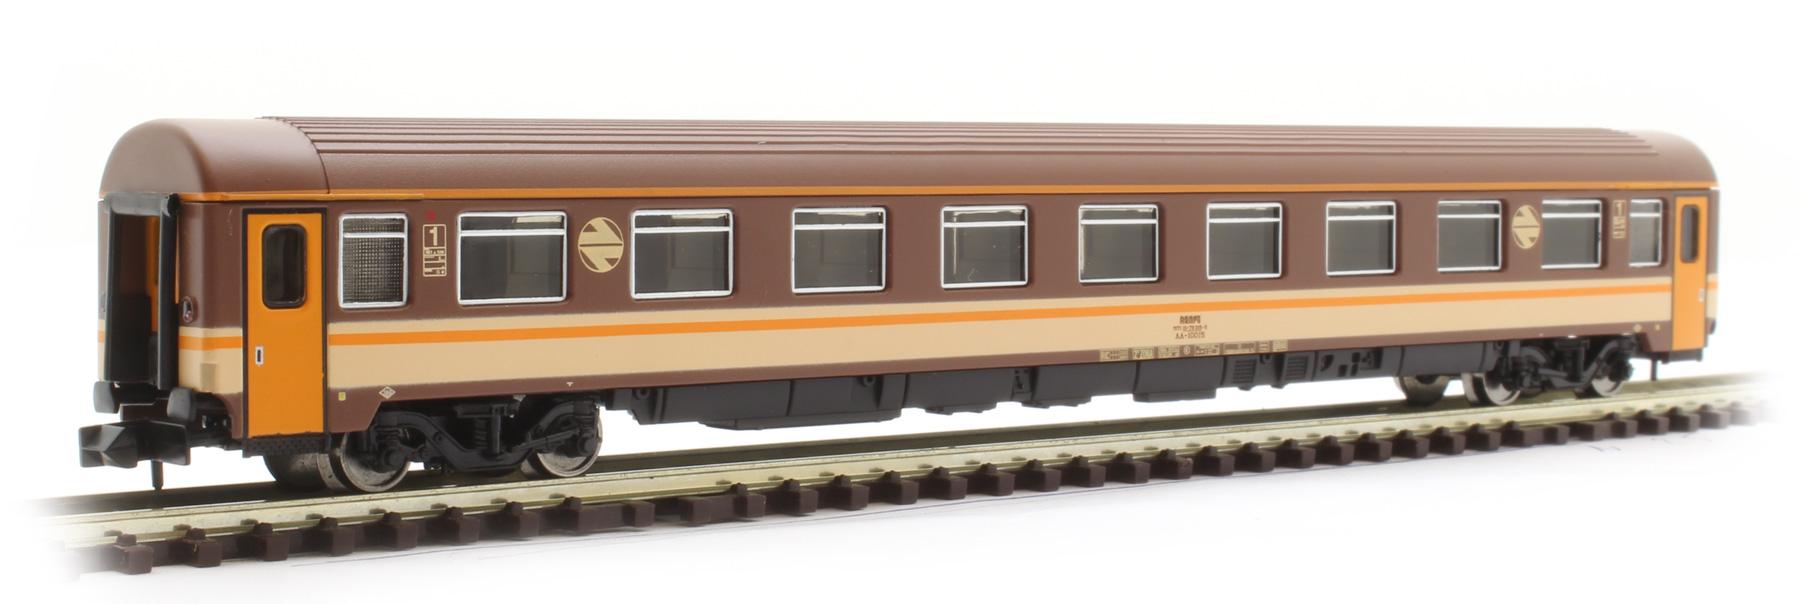 Kl Ep IV 1 Arnold Reisezugwagen Serie 10000 RENFE Estella-Farbgebung